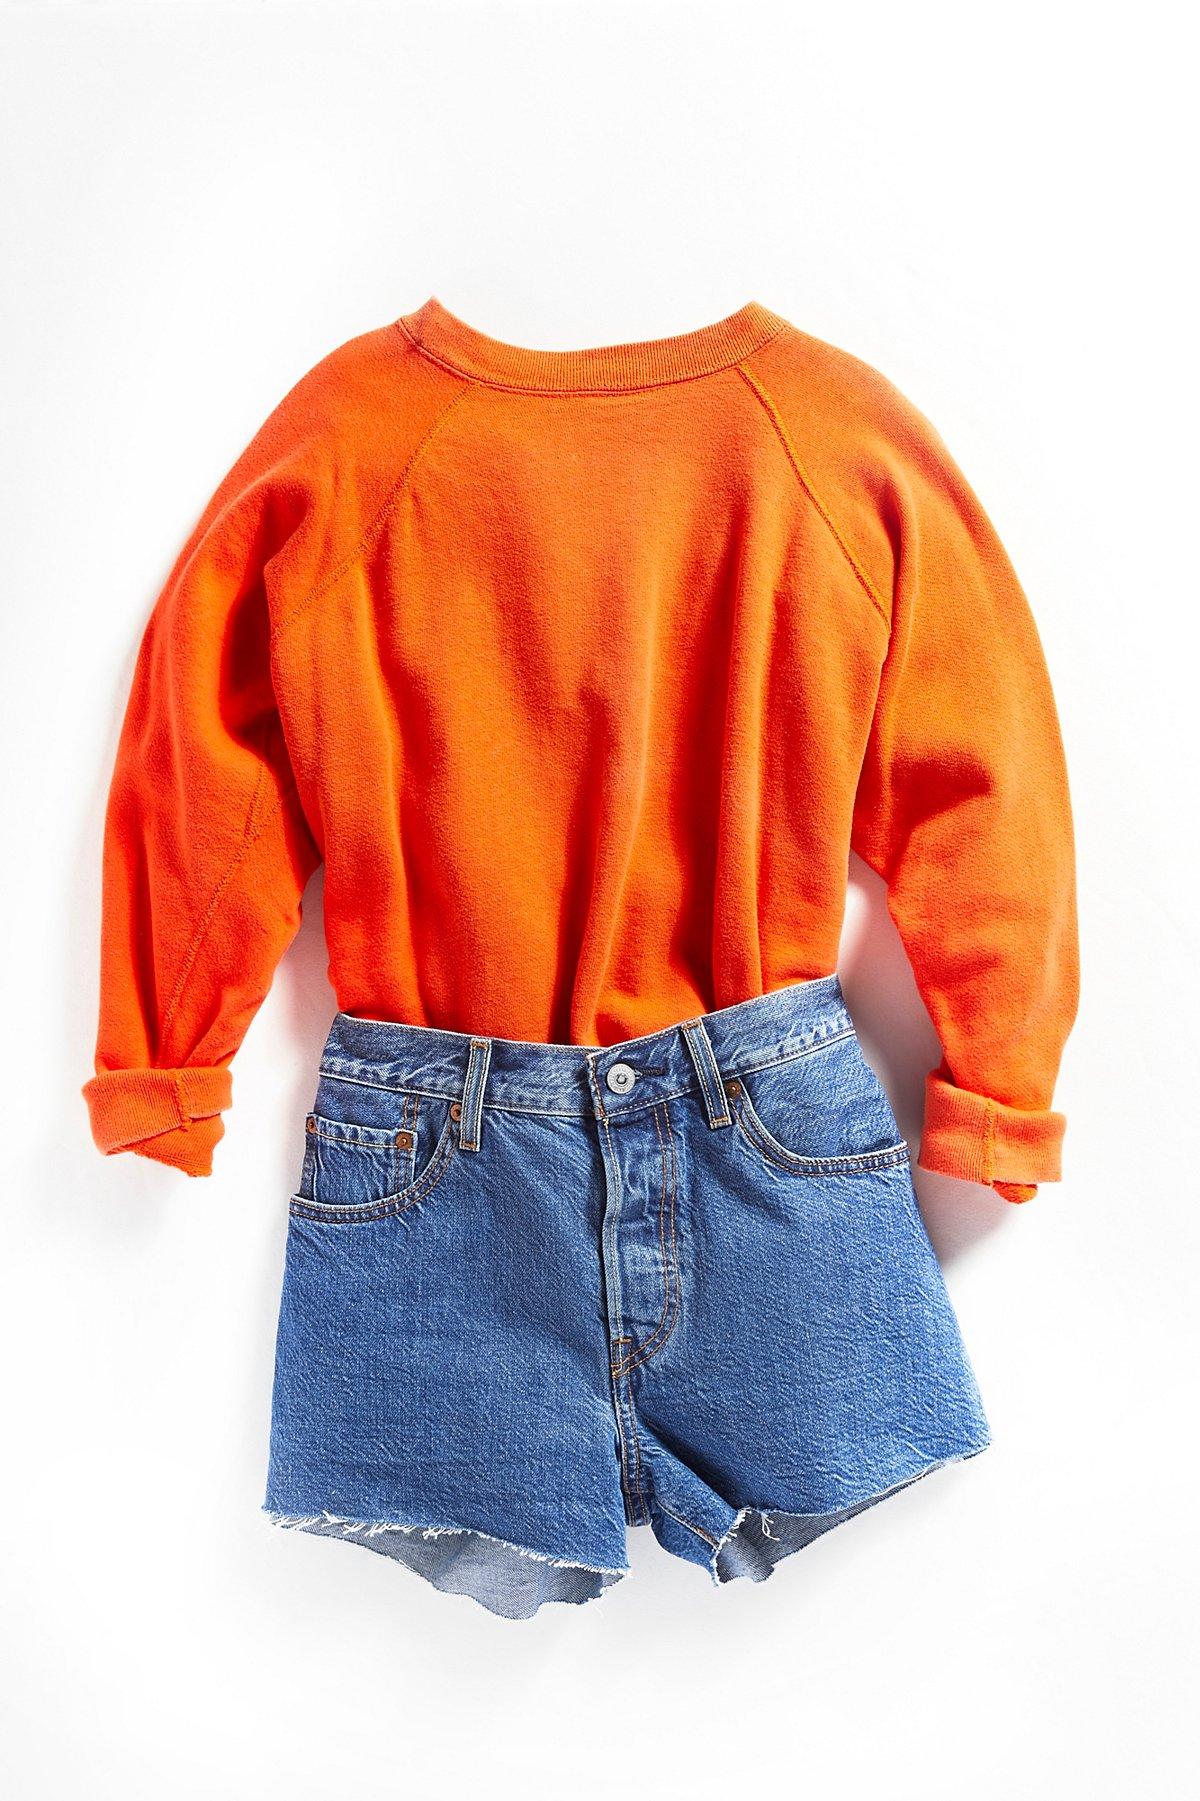 Vintage 1980s Sweatshirt